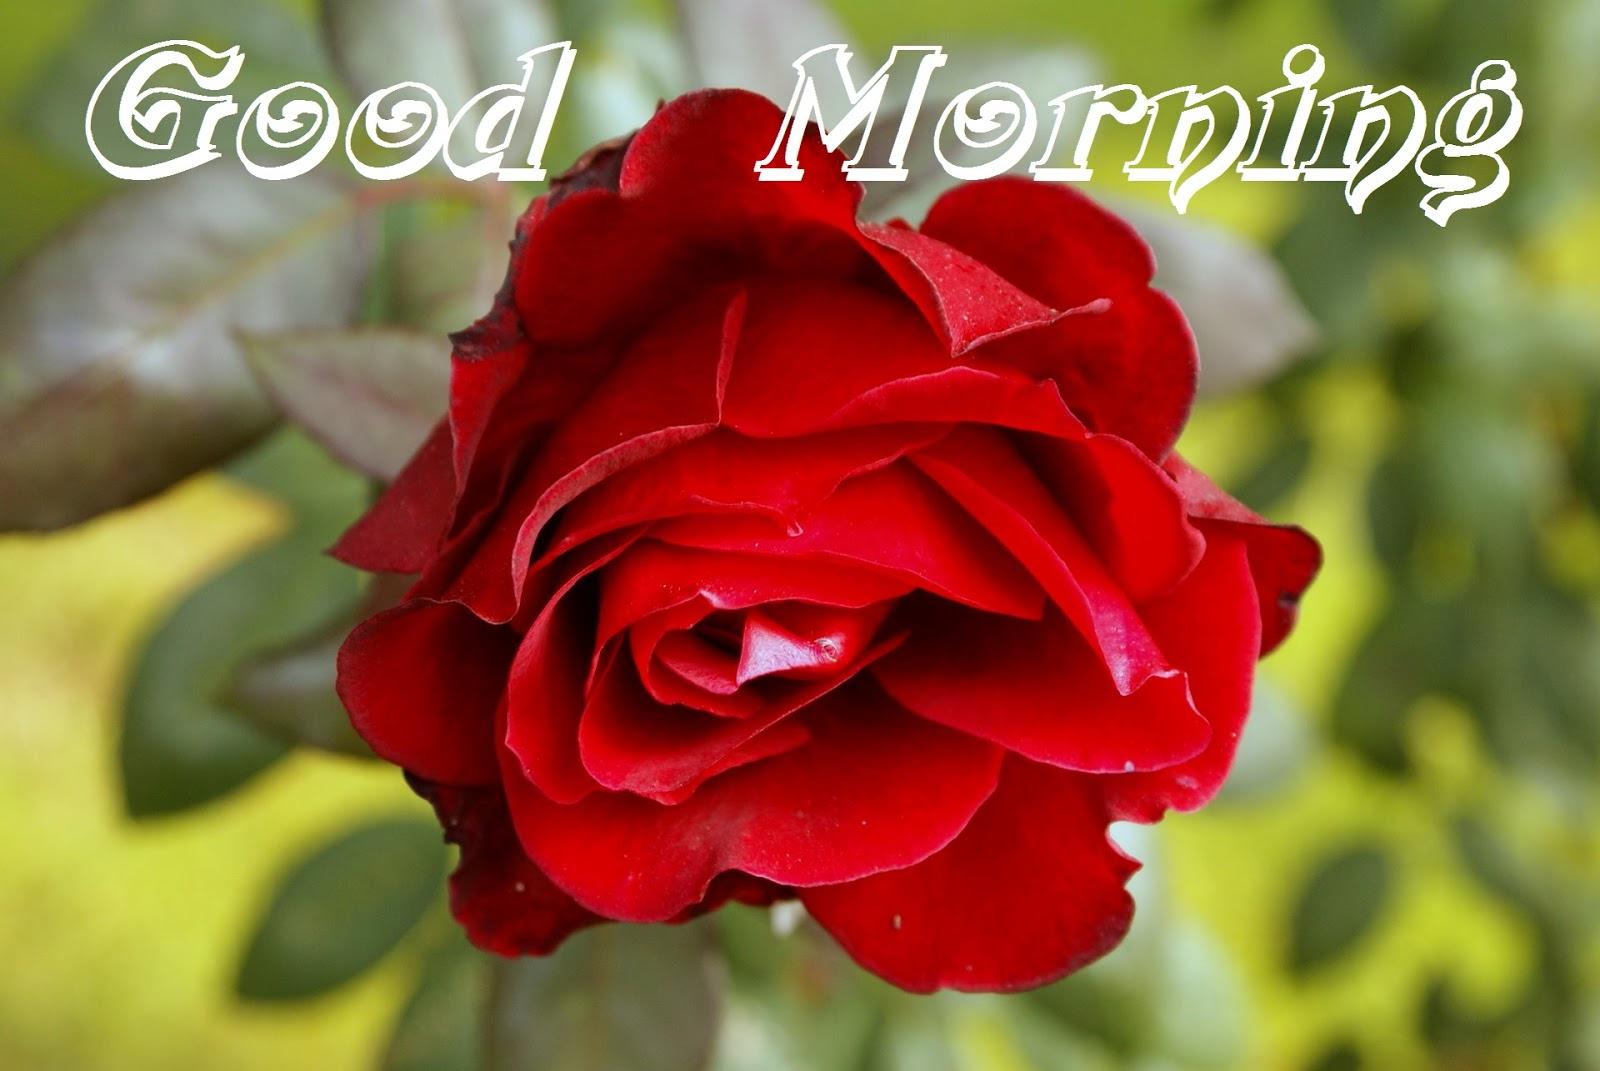 Good Morning Love Flower Image : Good morning love flower images